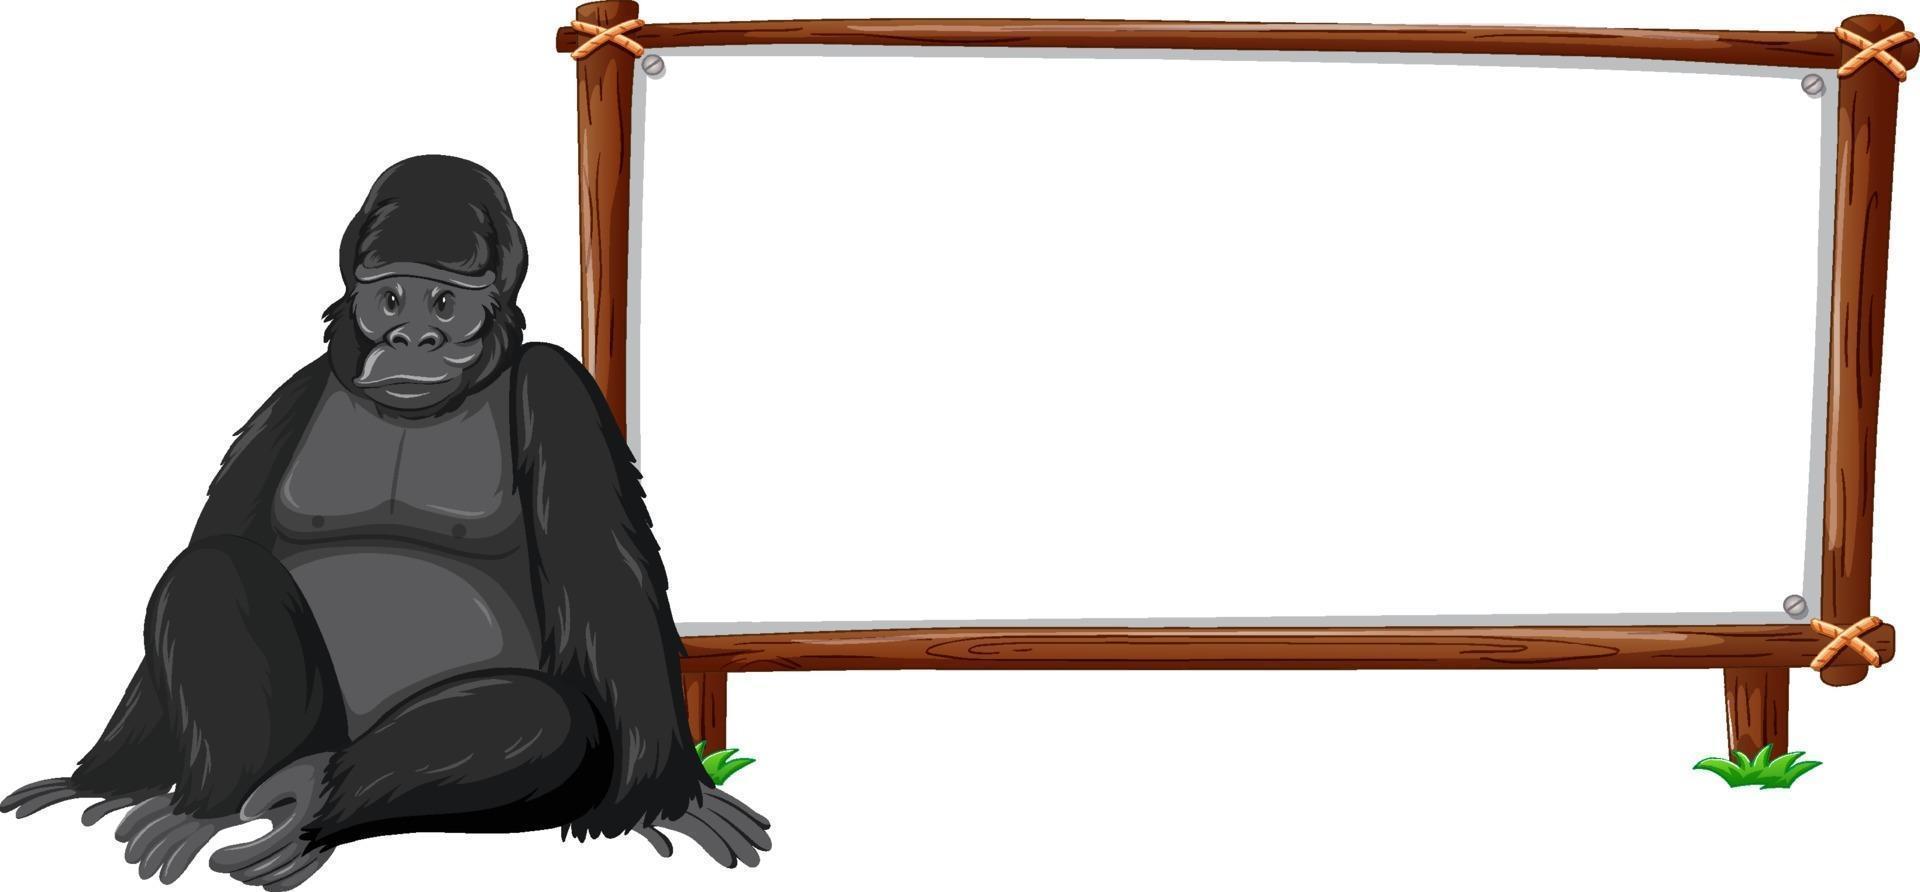 Gorilla con cornice in legno orizzontale isolato su sfondo bianco vettore